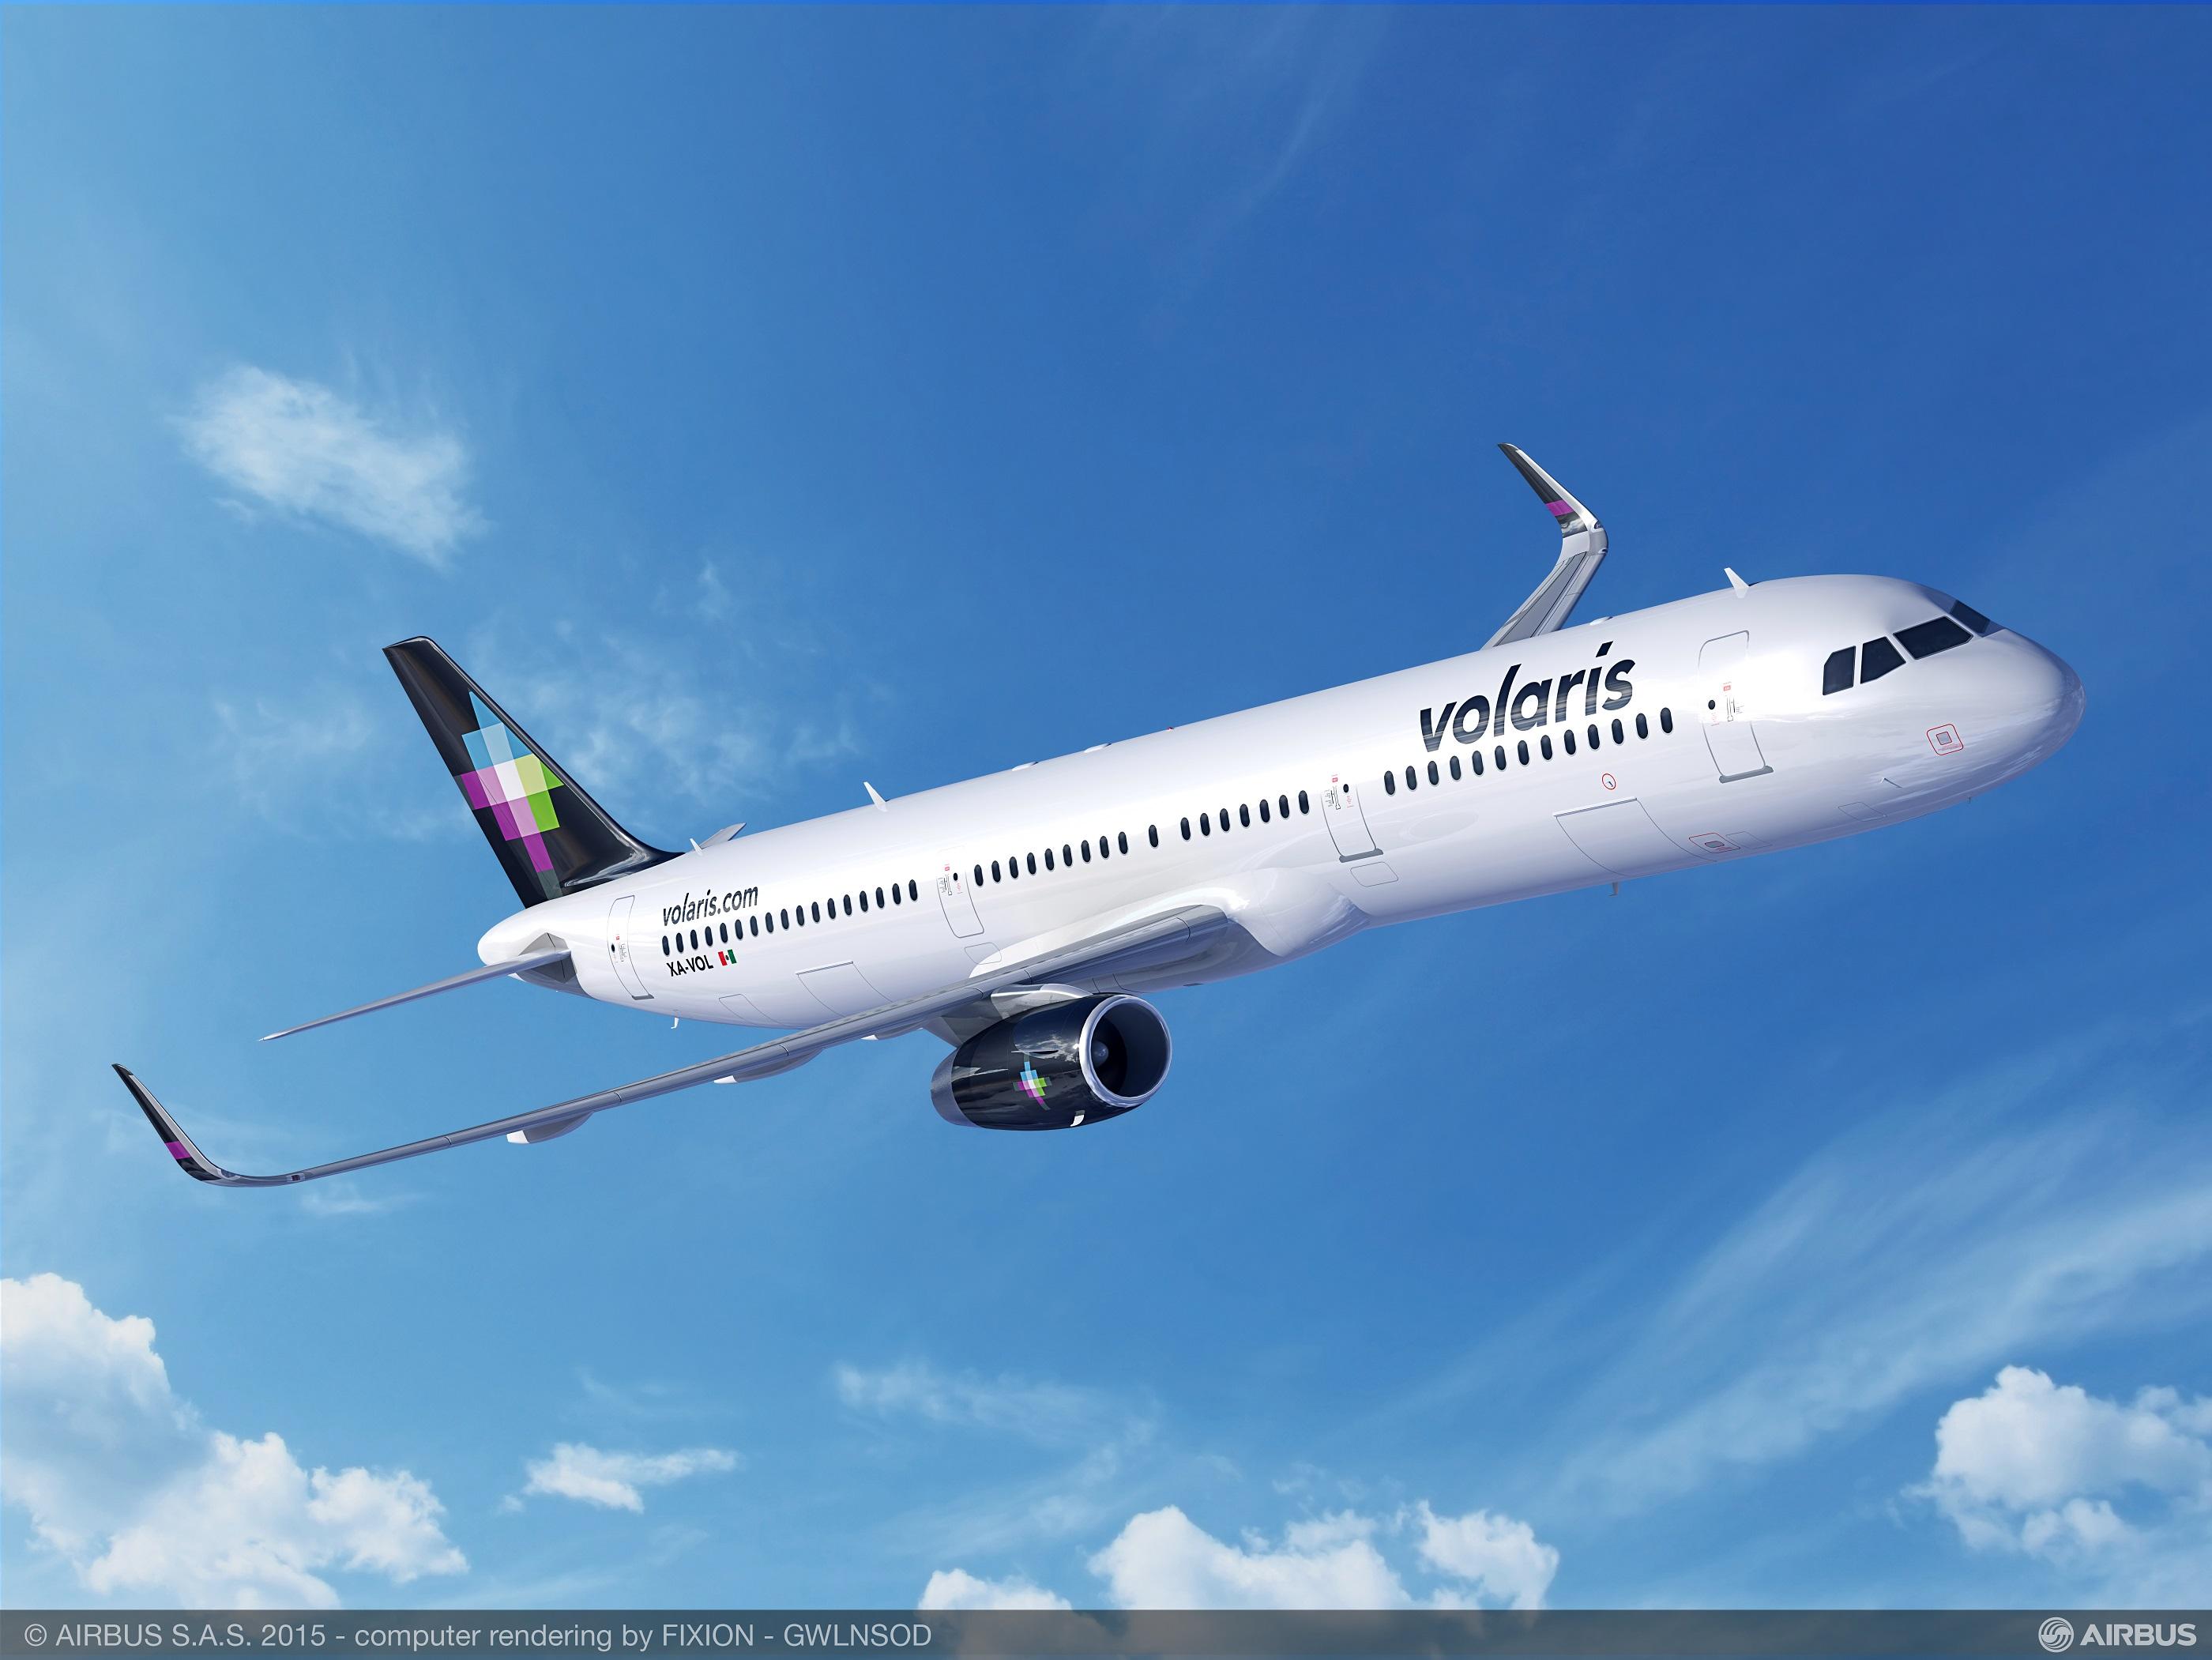 México: Más de mil 400 pasajeros moverá la ruta de Volaris mensualmente